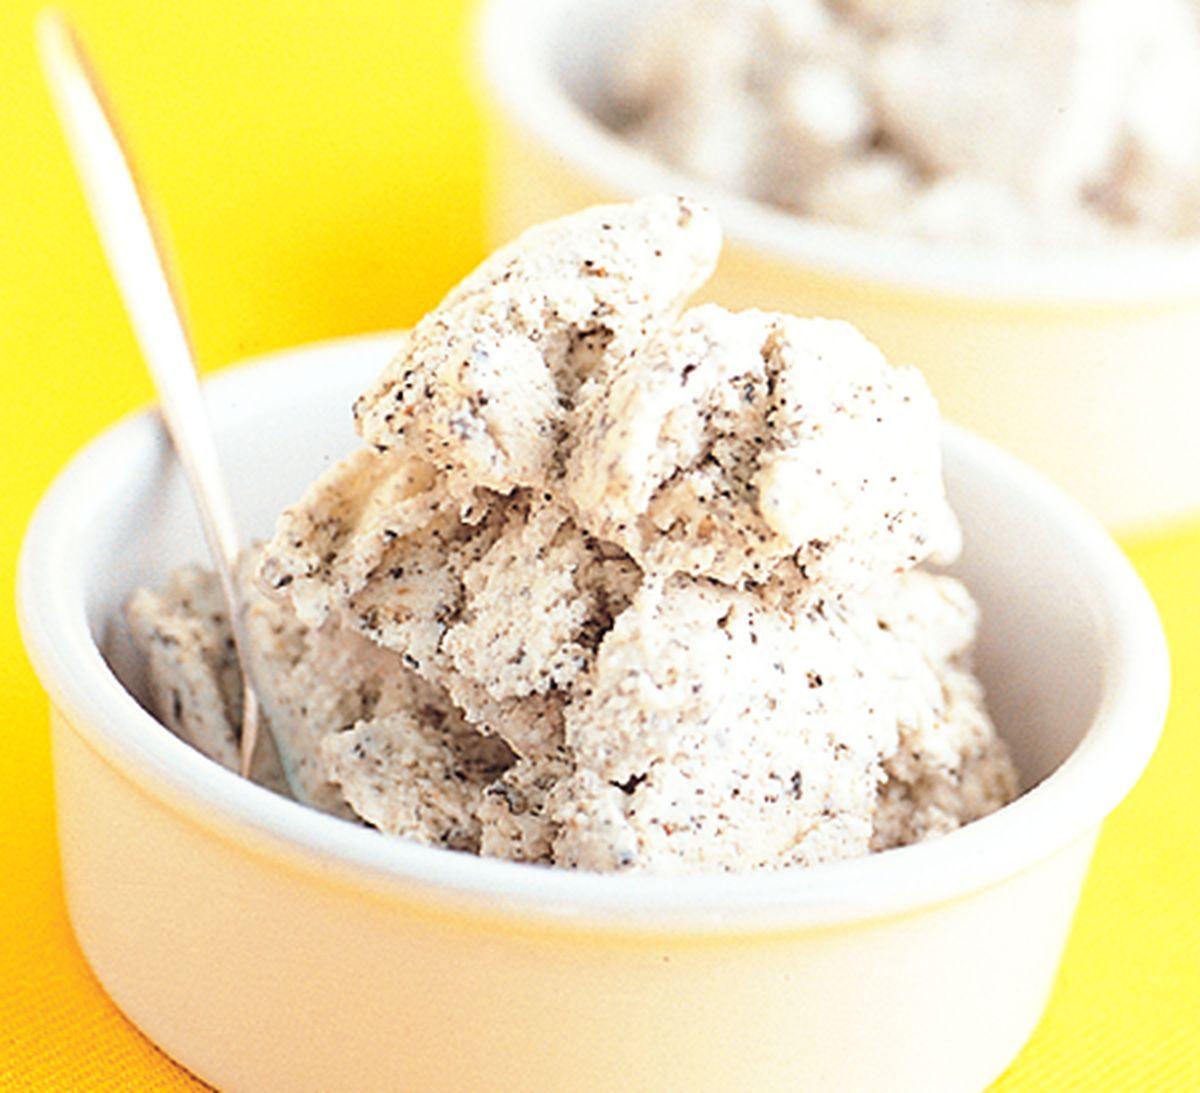 食譜:黑芝麻冰淇淋